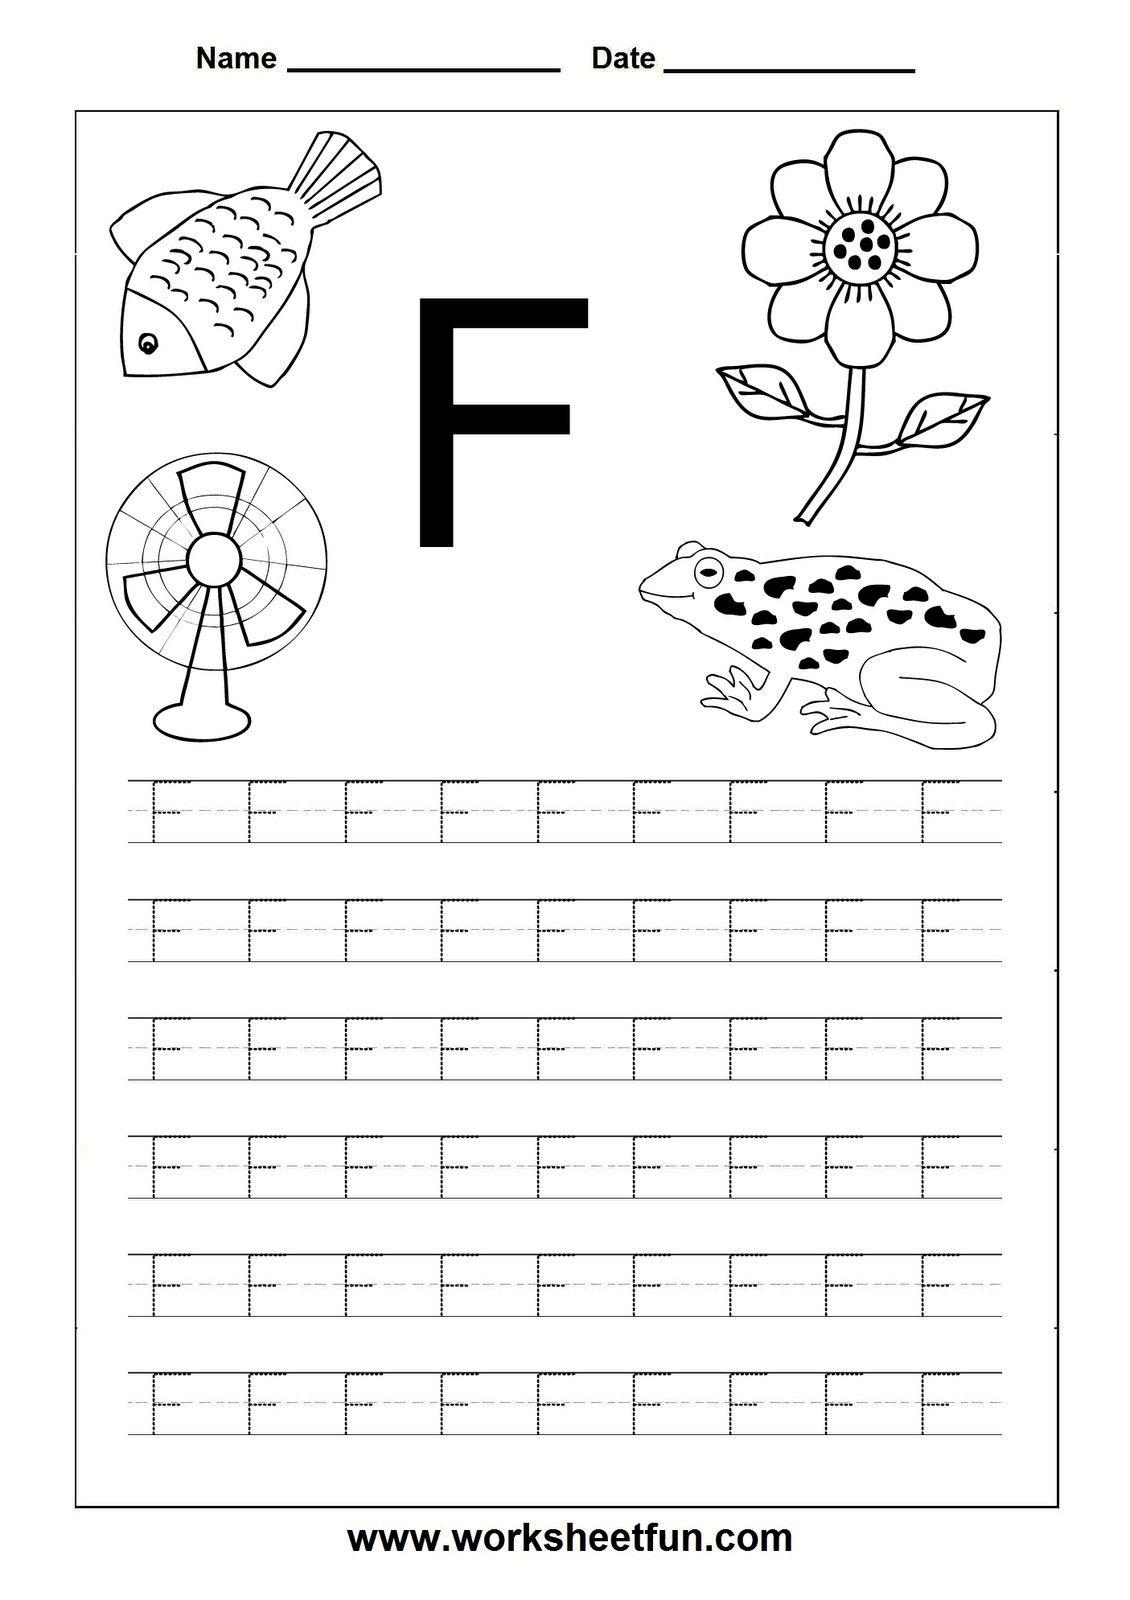 5 Worksheet Name Writing Practice Preschool Handwriting